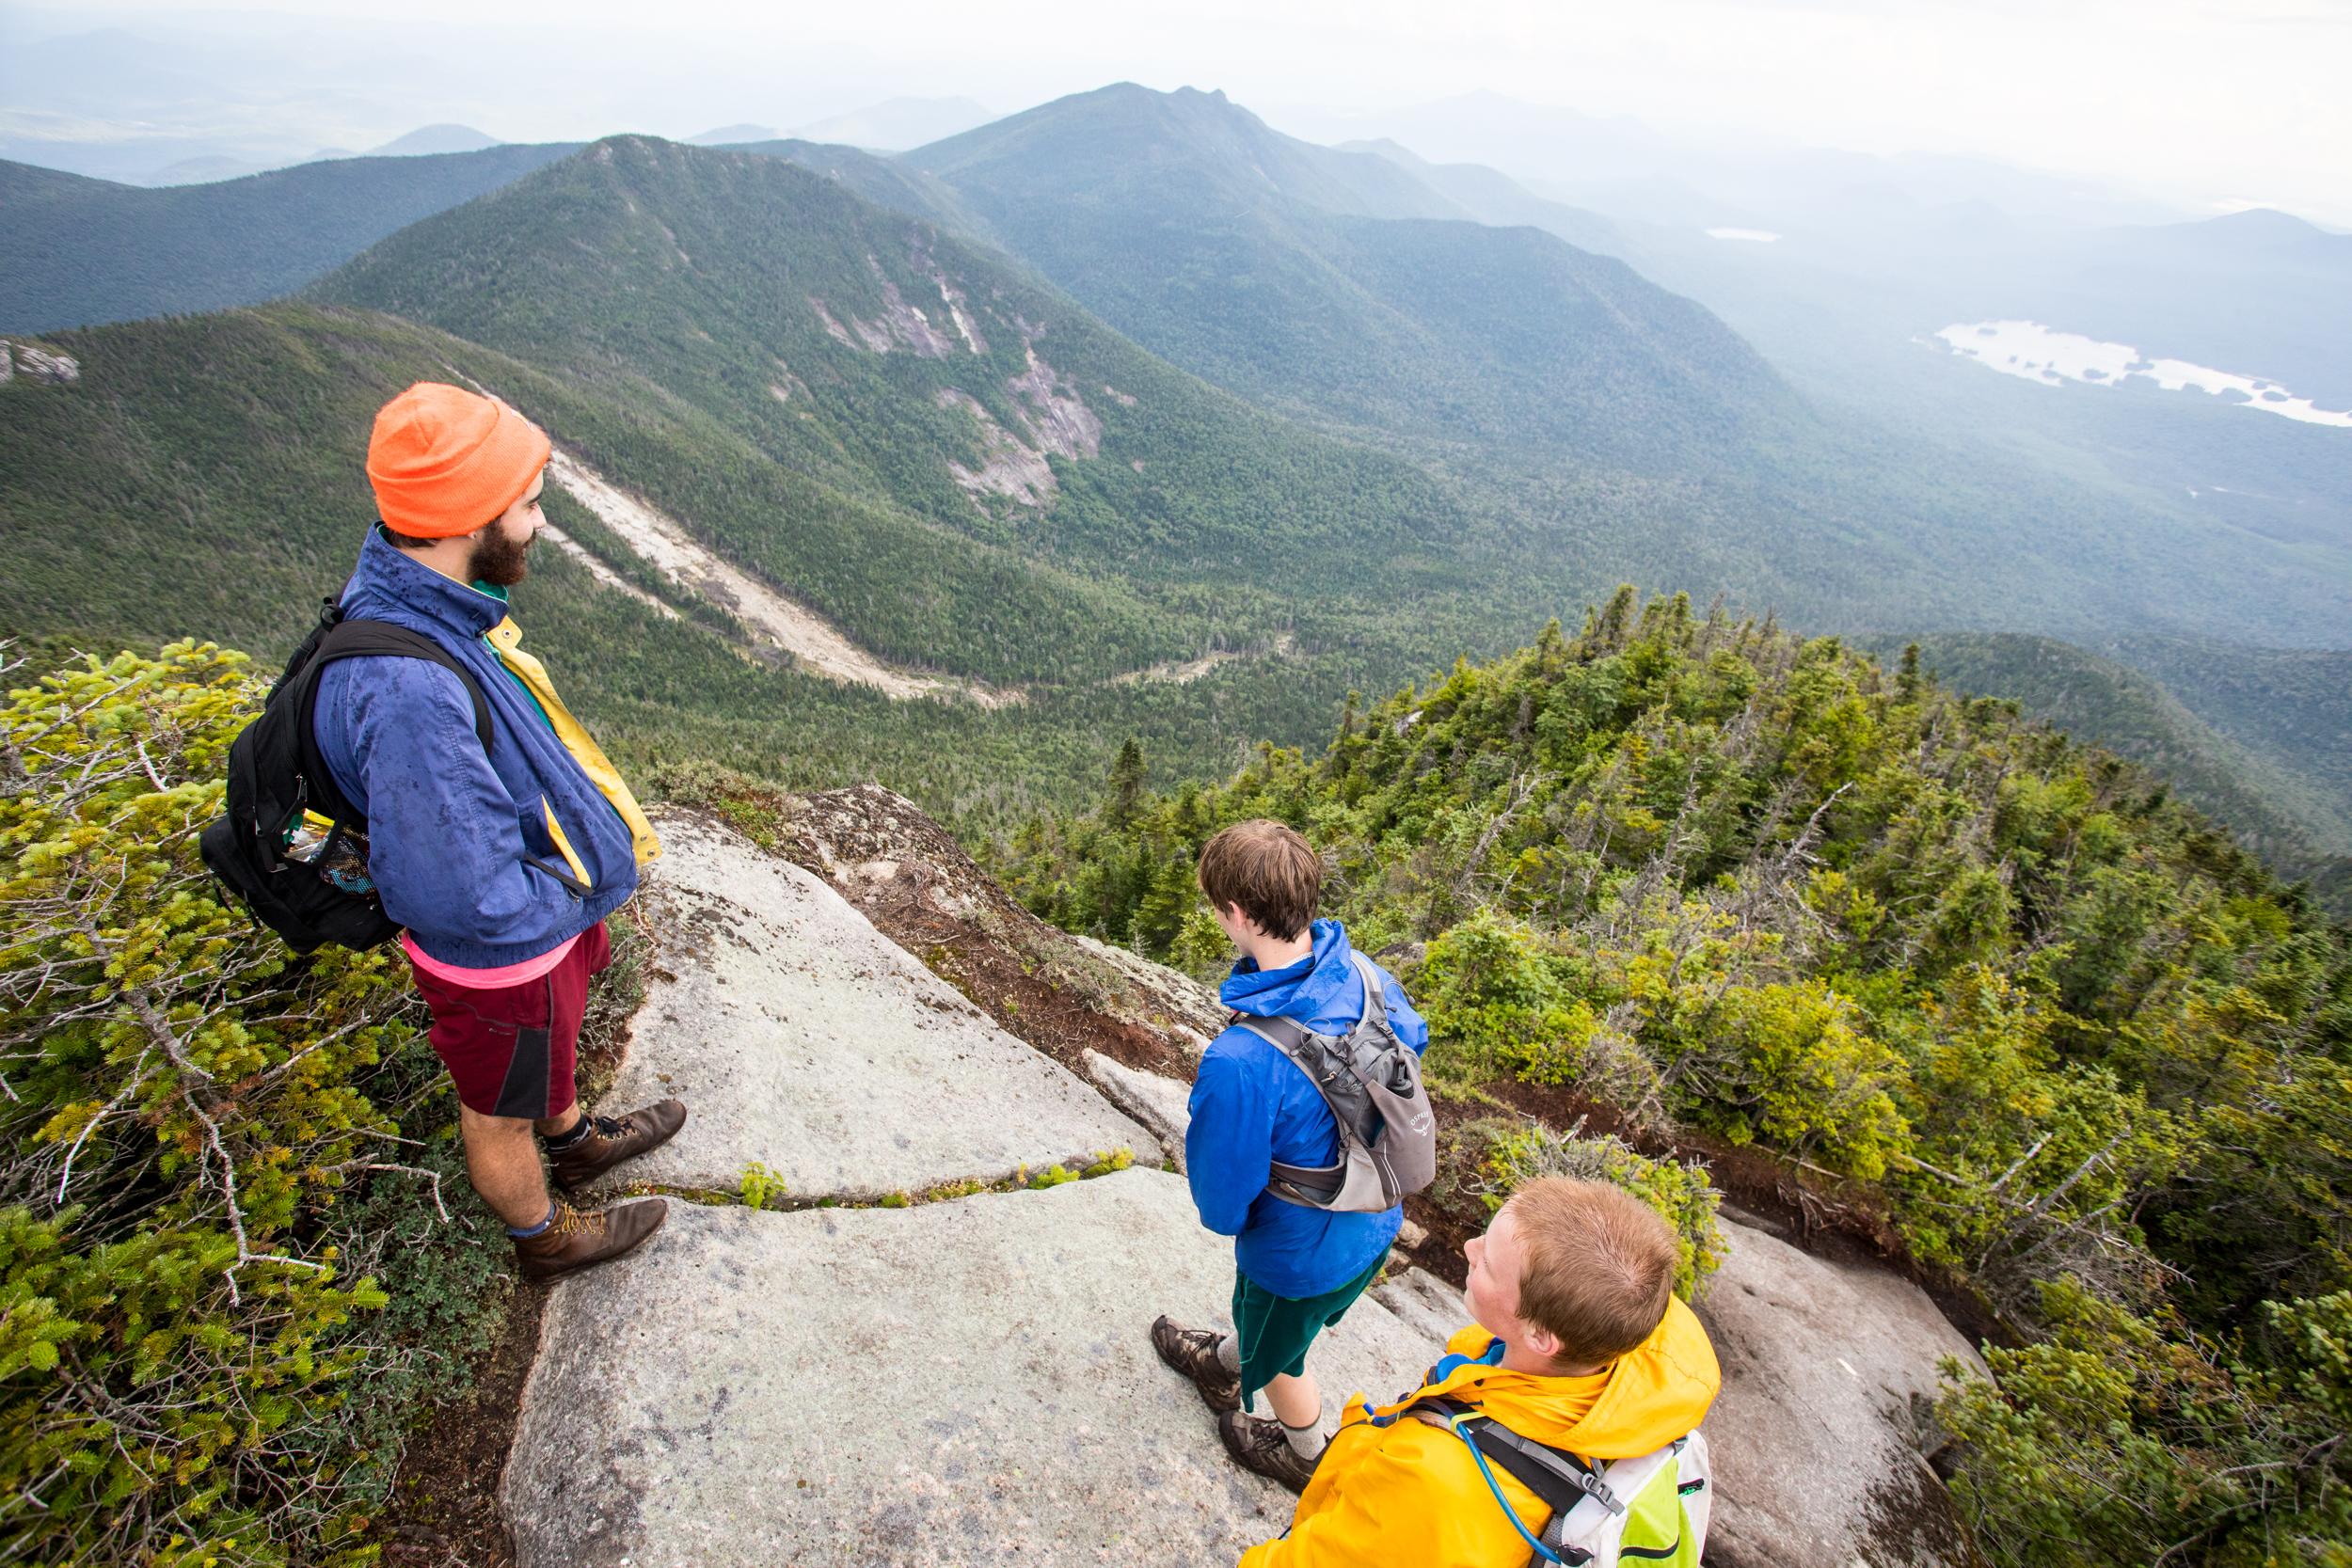 Mount Dix Rock Ledge Trail View.jpg